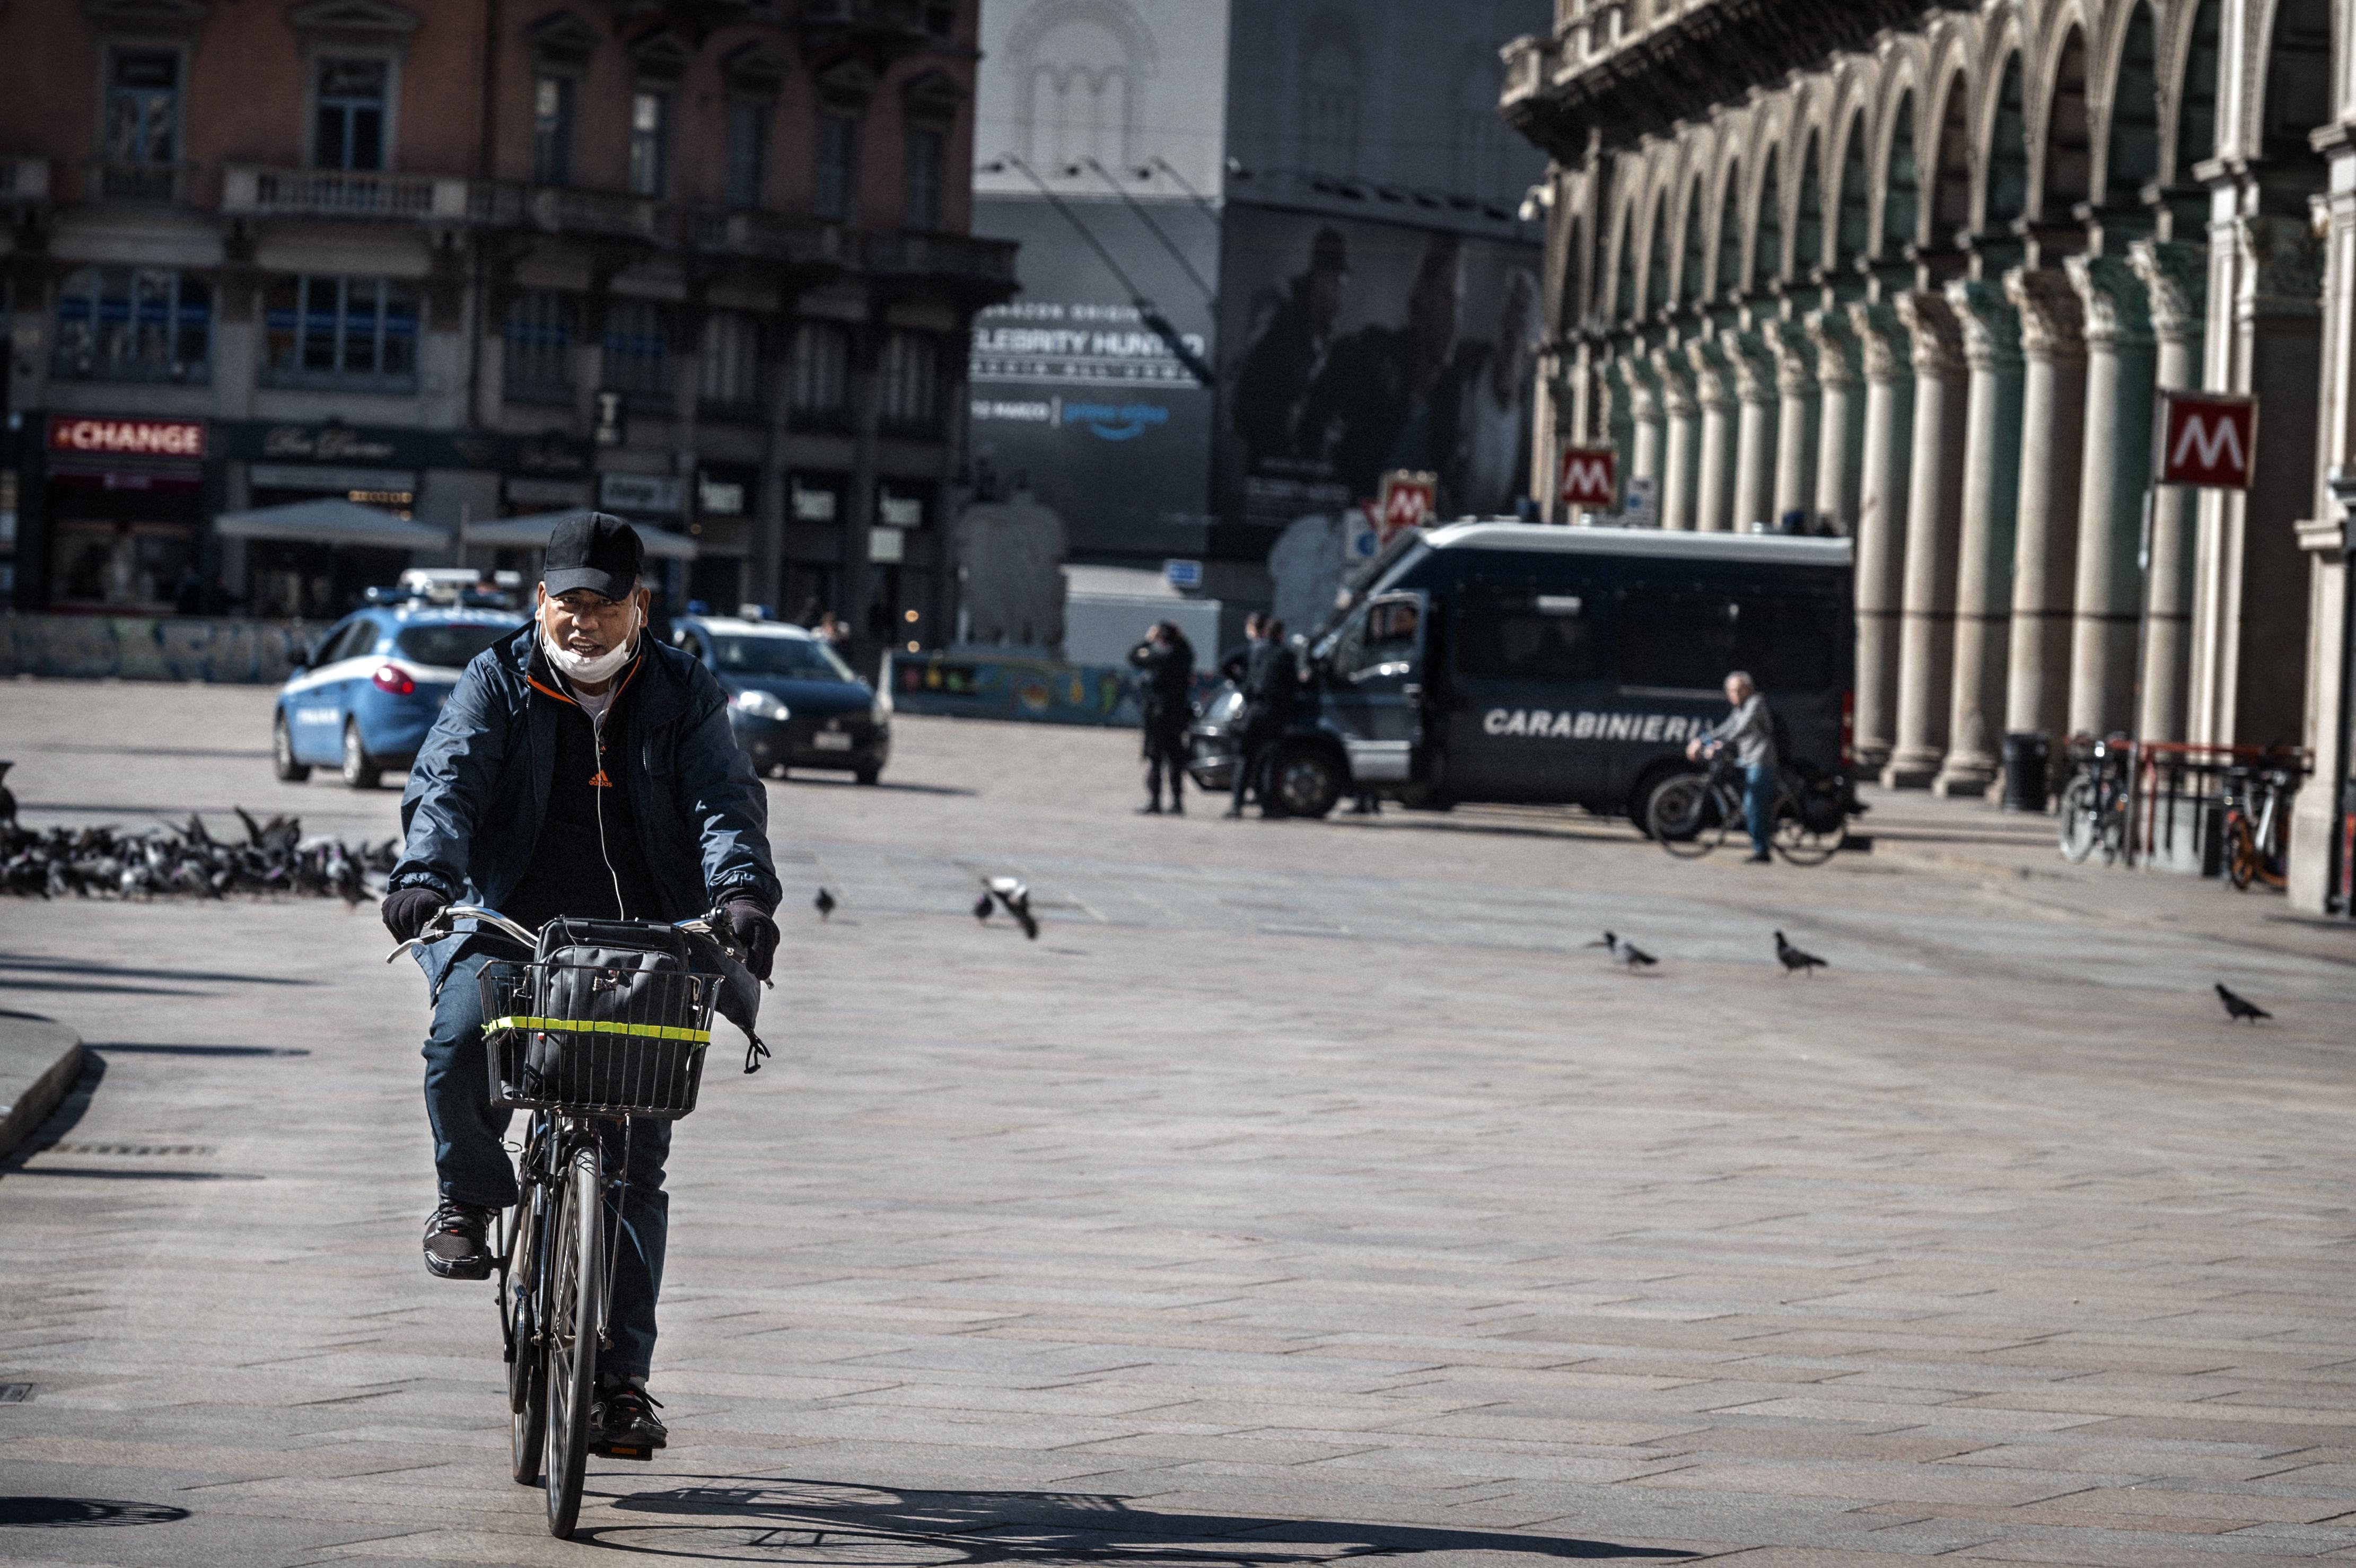 Hatalmas biciklis és gyalogos fejlesztésekkel készül Milánó a korlátozások feloldása utáni időkre